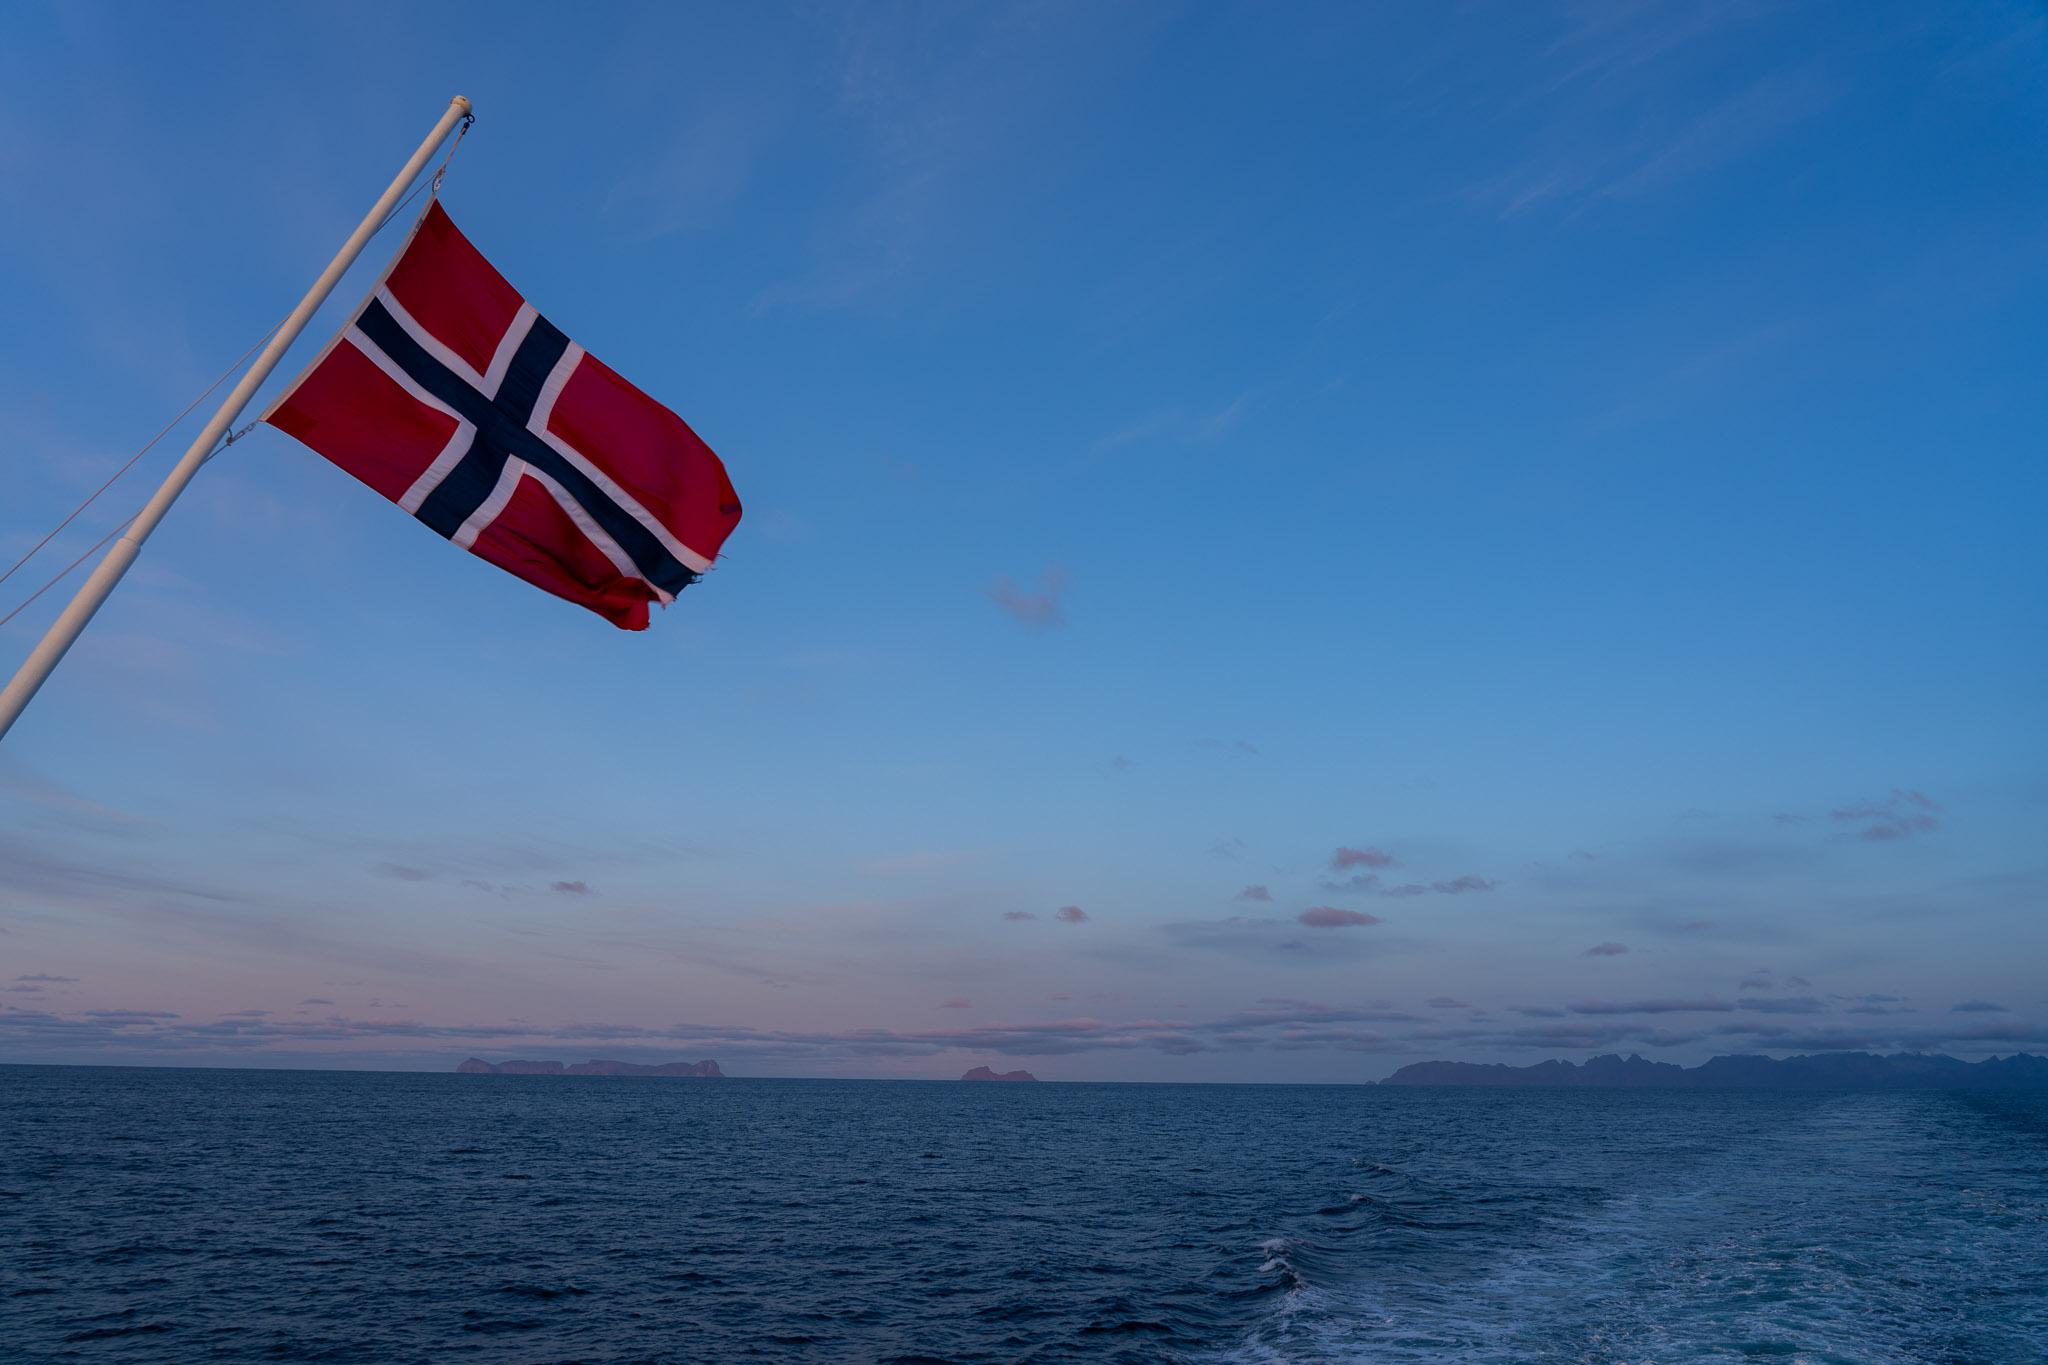 Hisst die Flagge